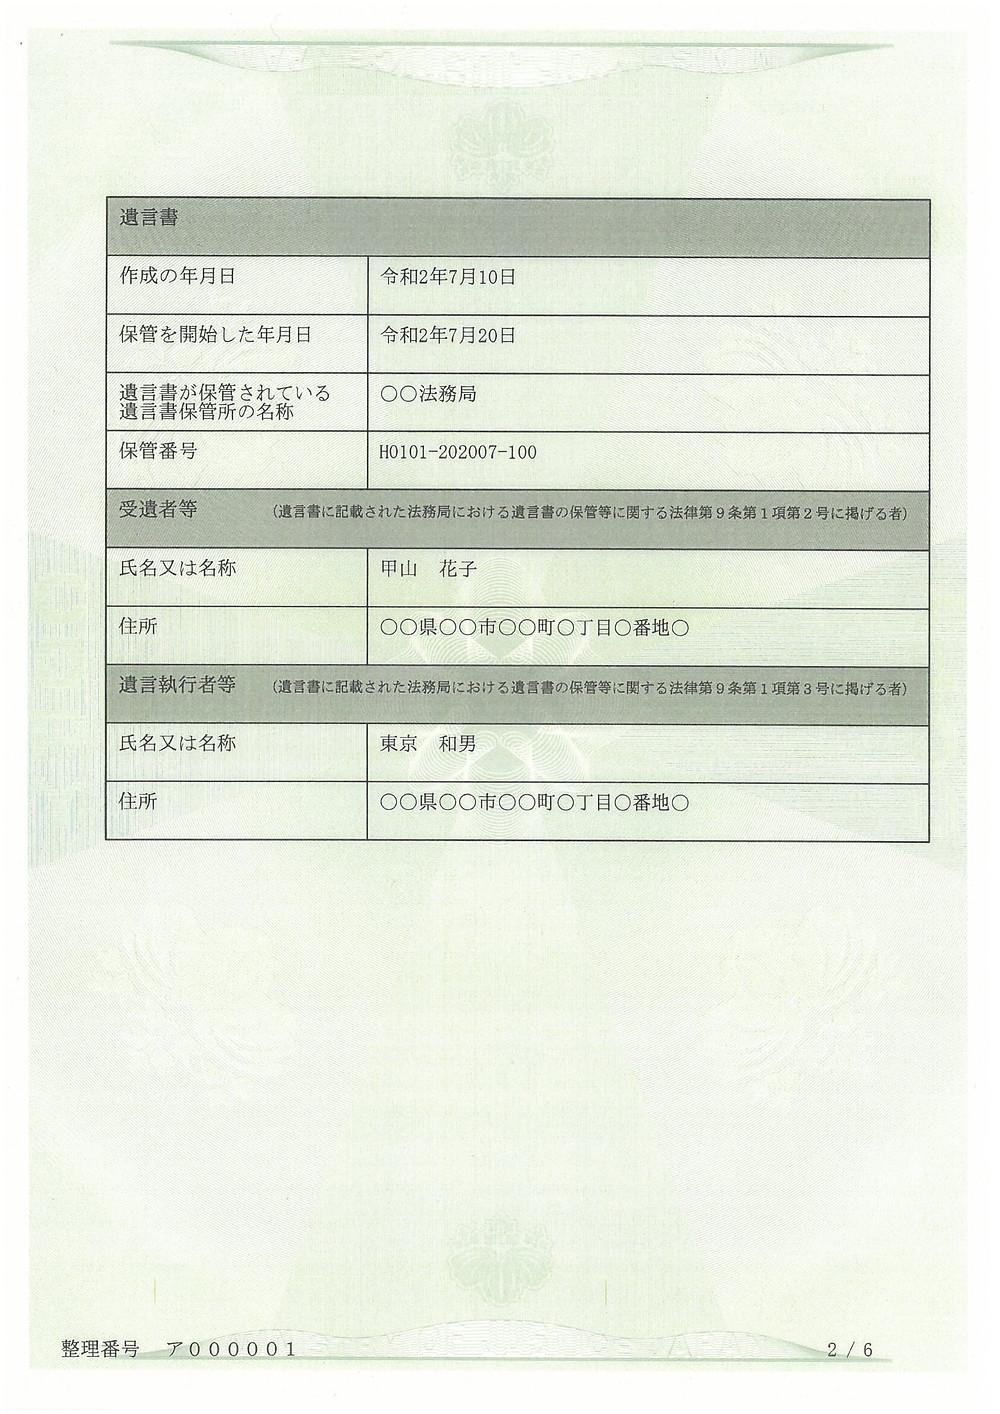 遺言書情報証明書イメージ